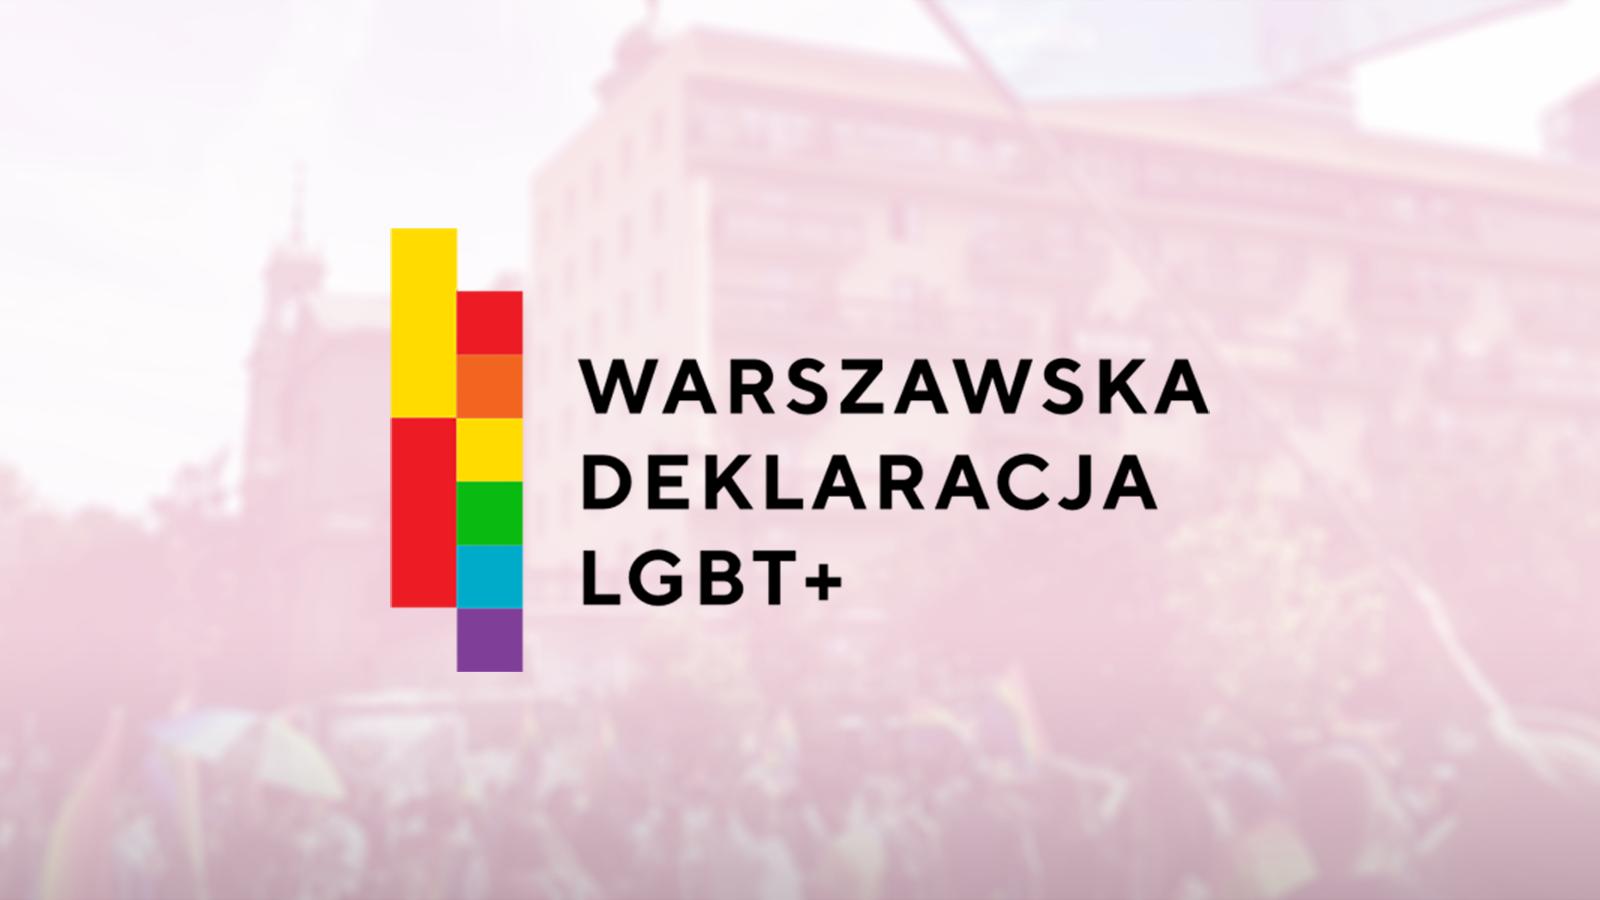 warszawska deklaracja lgbt+ Milosc Nie Wyklucza